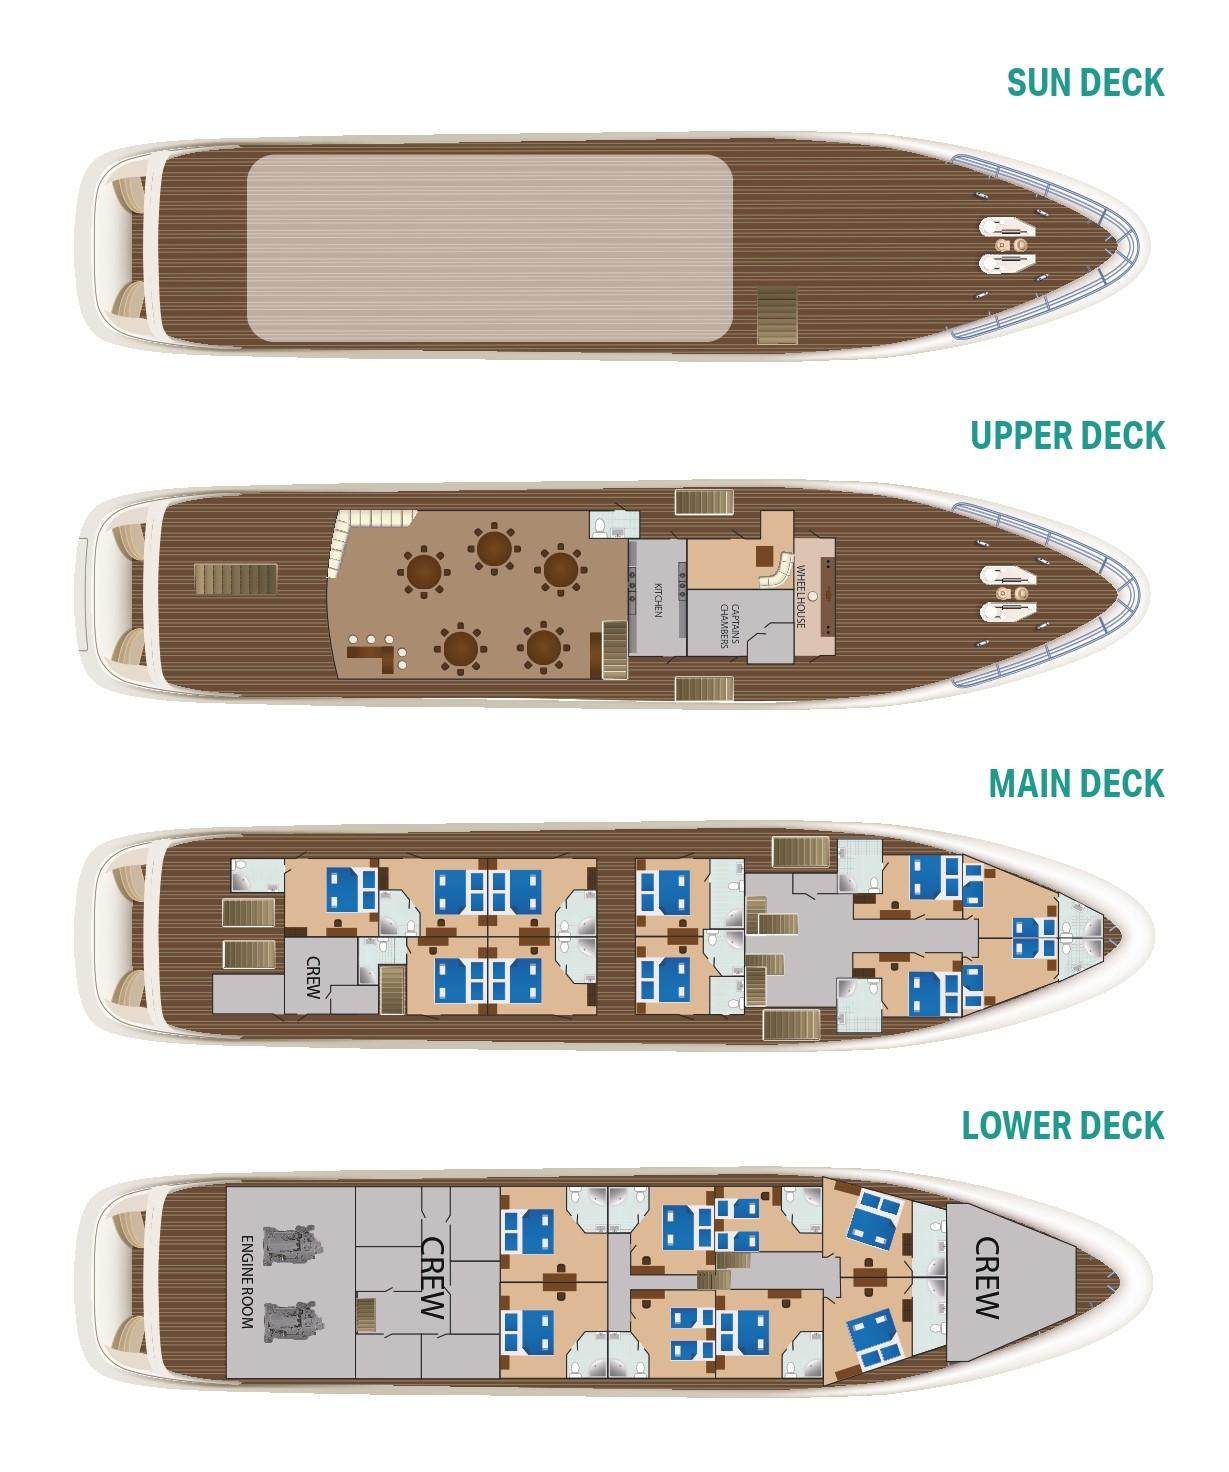 MS Cristal Deck Plan